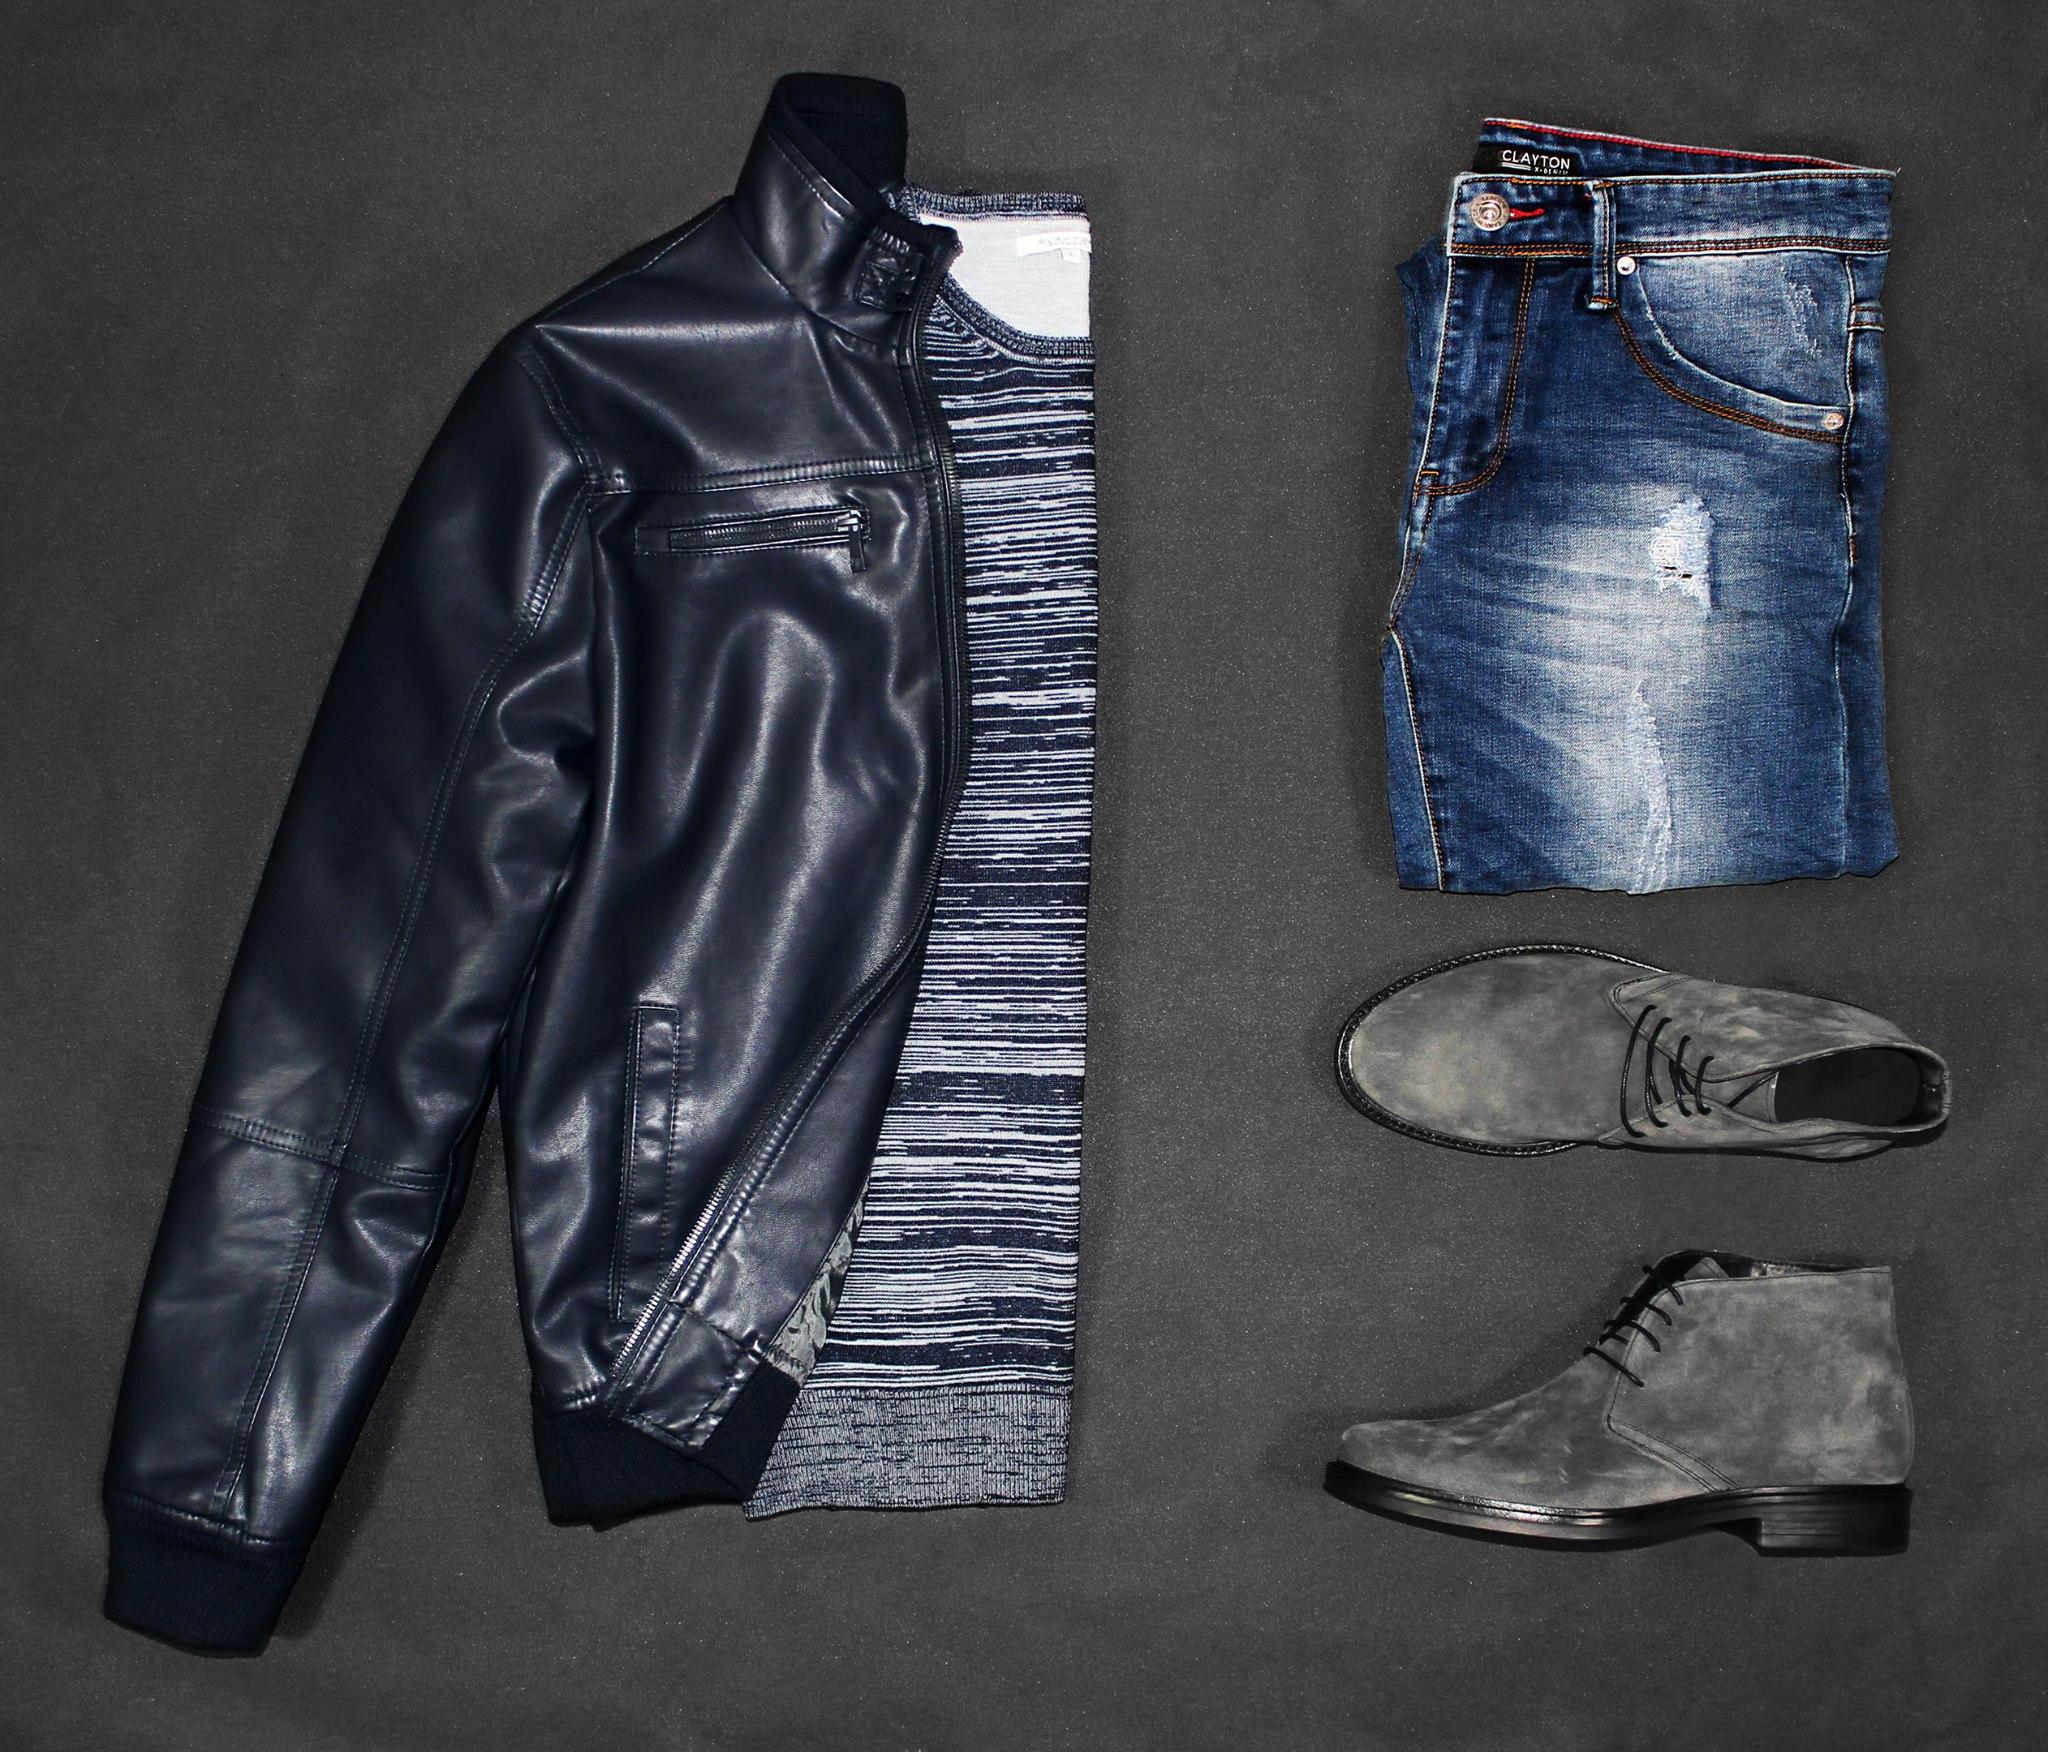 1efc56f4b1 Clayton abbigliamento uomo apre a Bologna - Moda e fashion